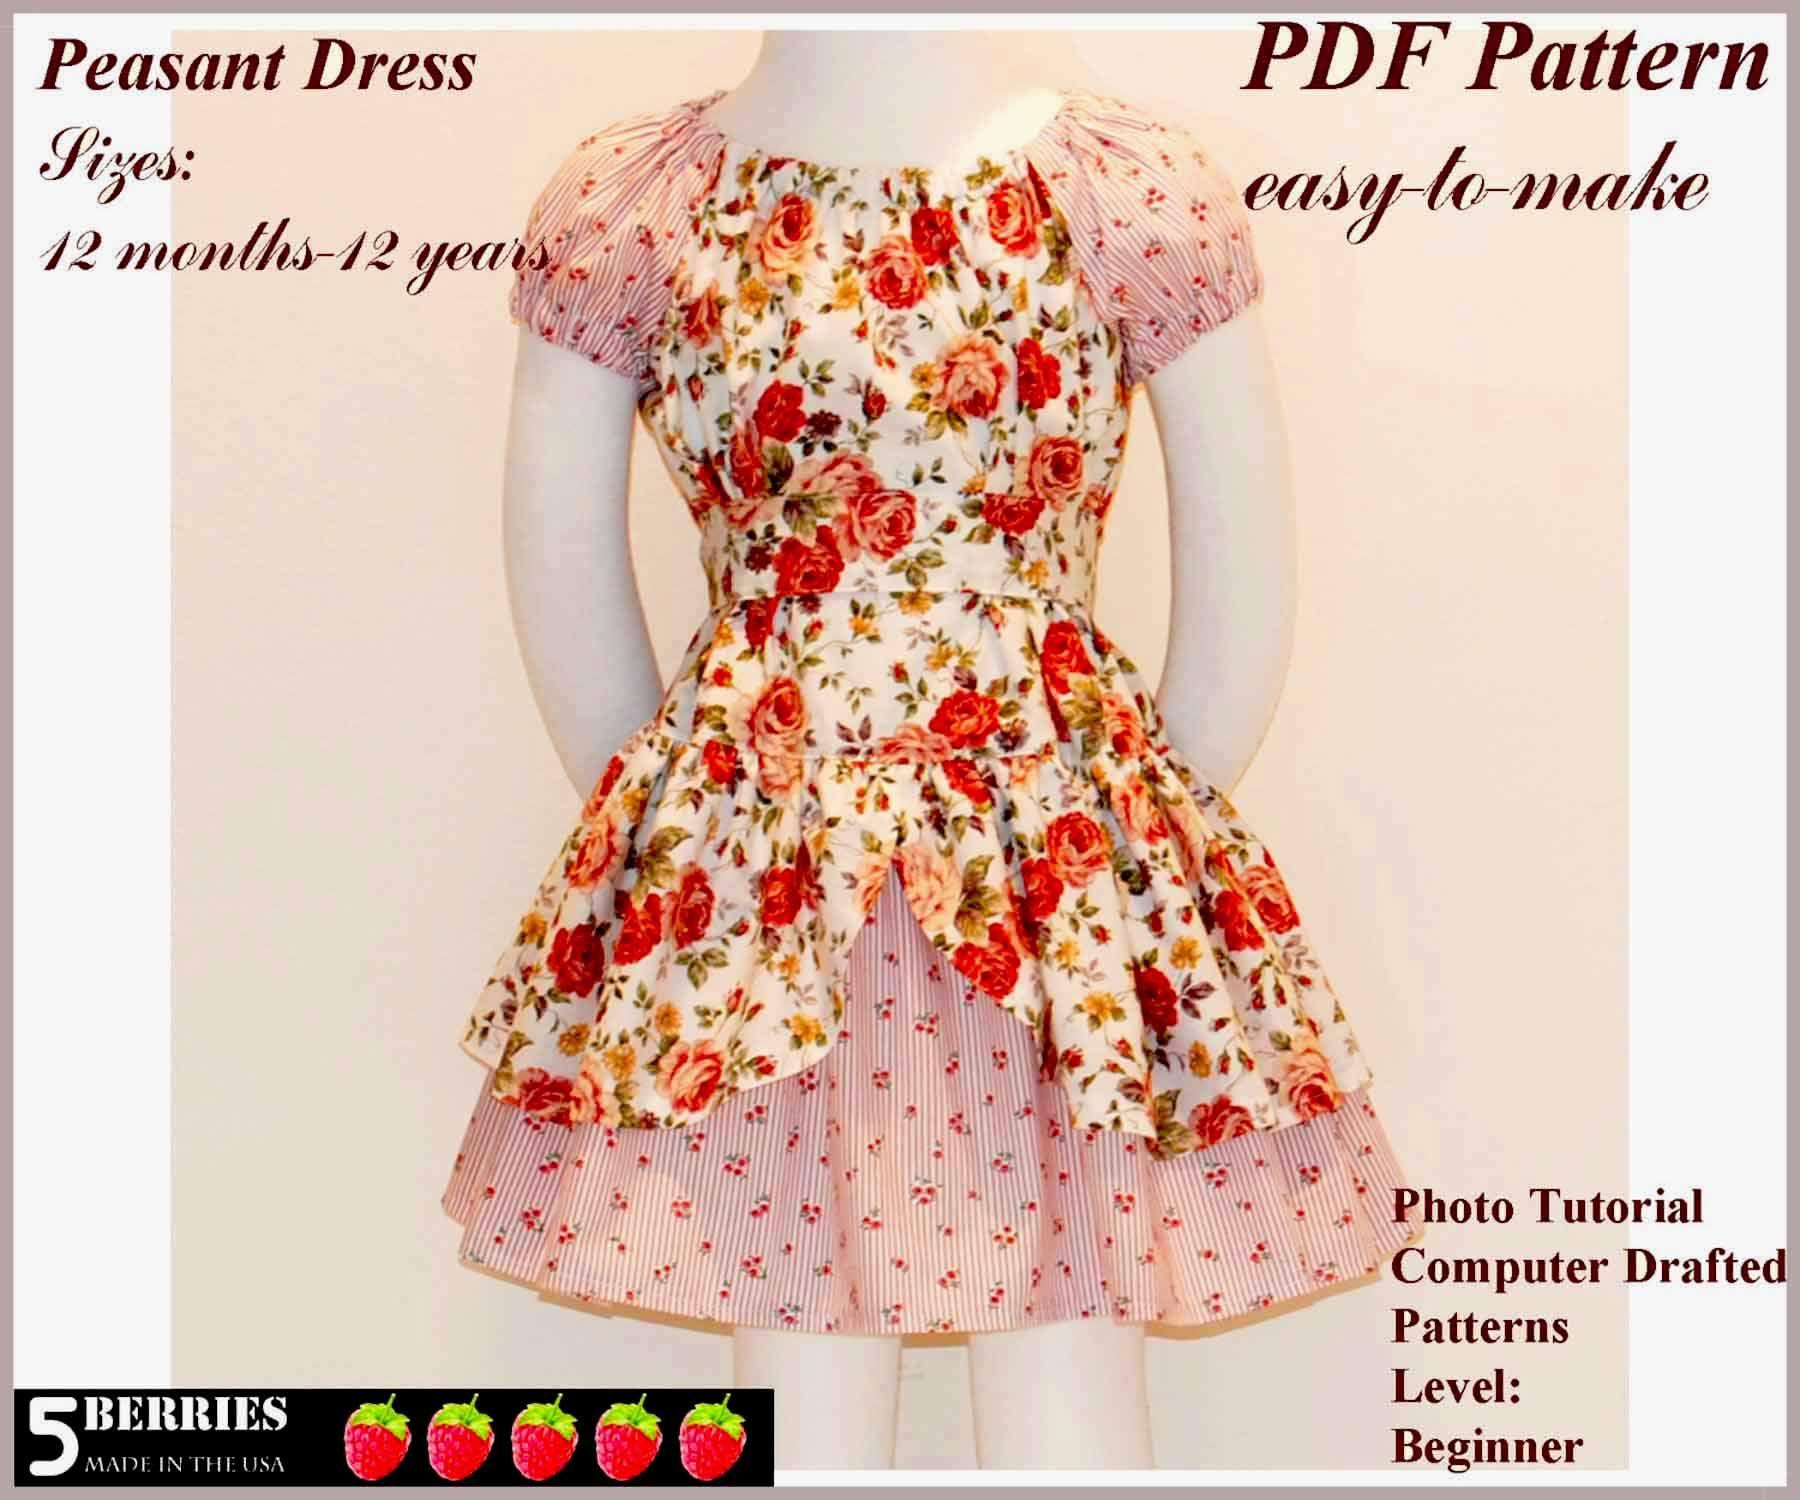 Free Printable Sewing Patterns | Alexandra Girls Dress Sewing - Free Printable Sewing Patterns For Kids